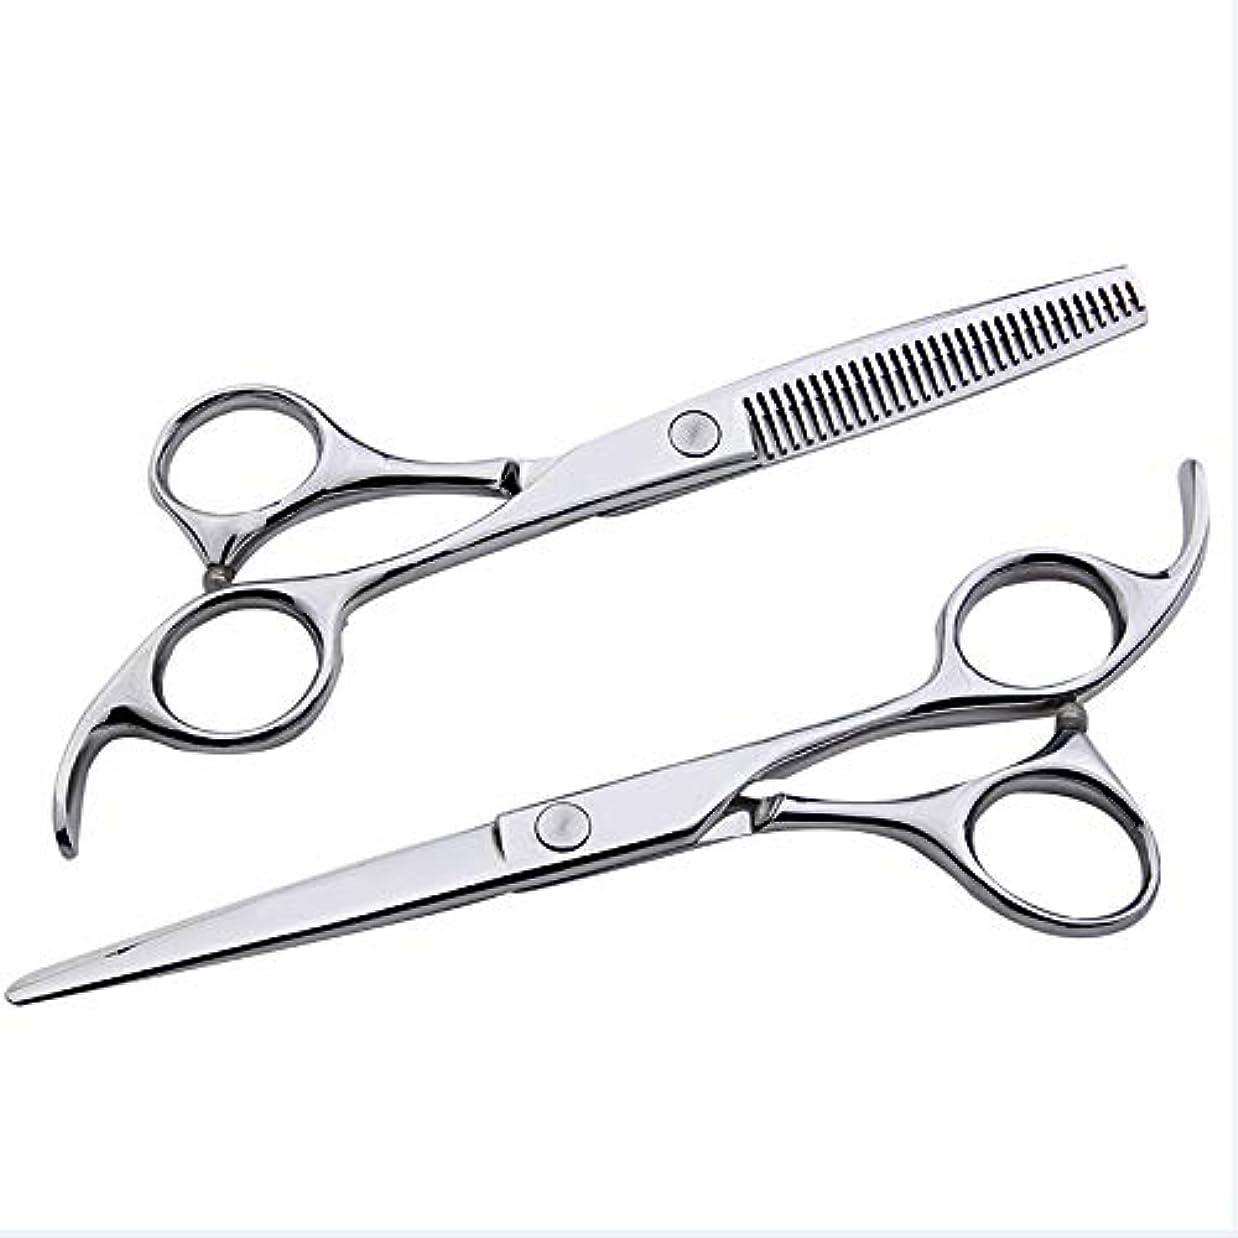 を通してメーター6インチ美容院プロフェッショナル理髪セット、フラット+歯シザー家族理髪ツールセット モデリングツール (色 : Silver)